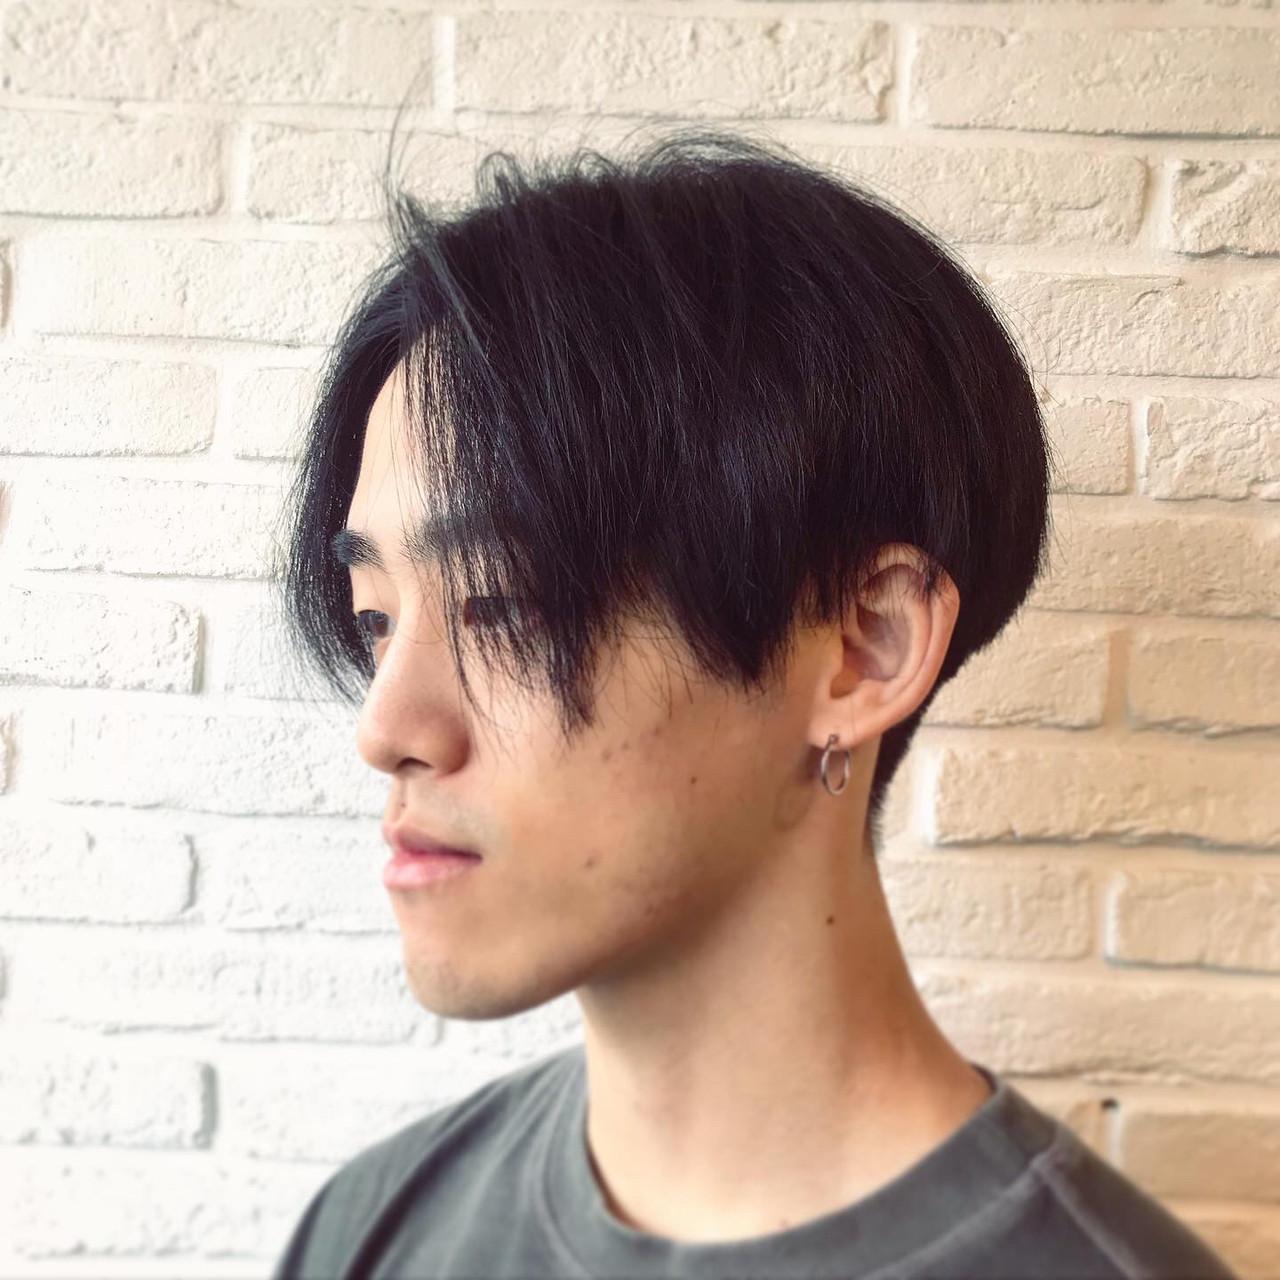 メンズ ショート メンズショート メンズカラー ヘアスタイルや髪型の写真・画像 | 小川 敏輝 / Johnny MEN 高田馬場店